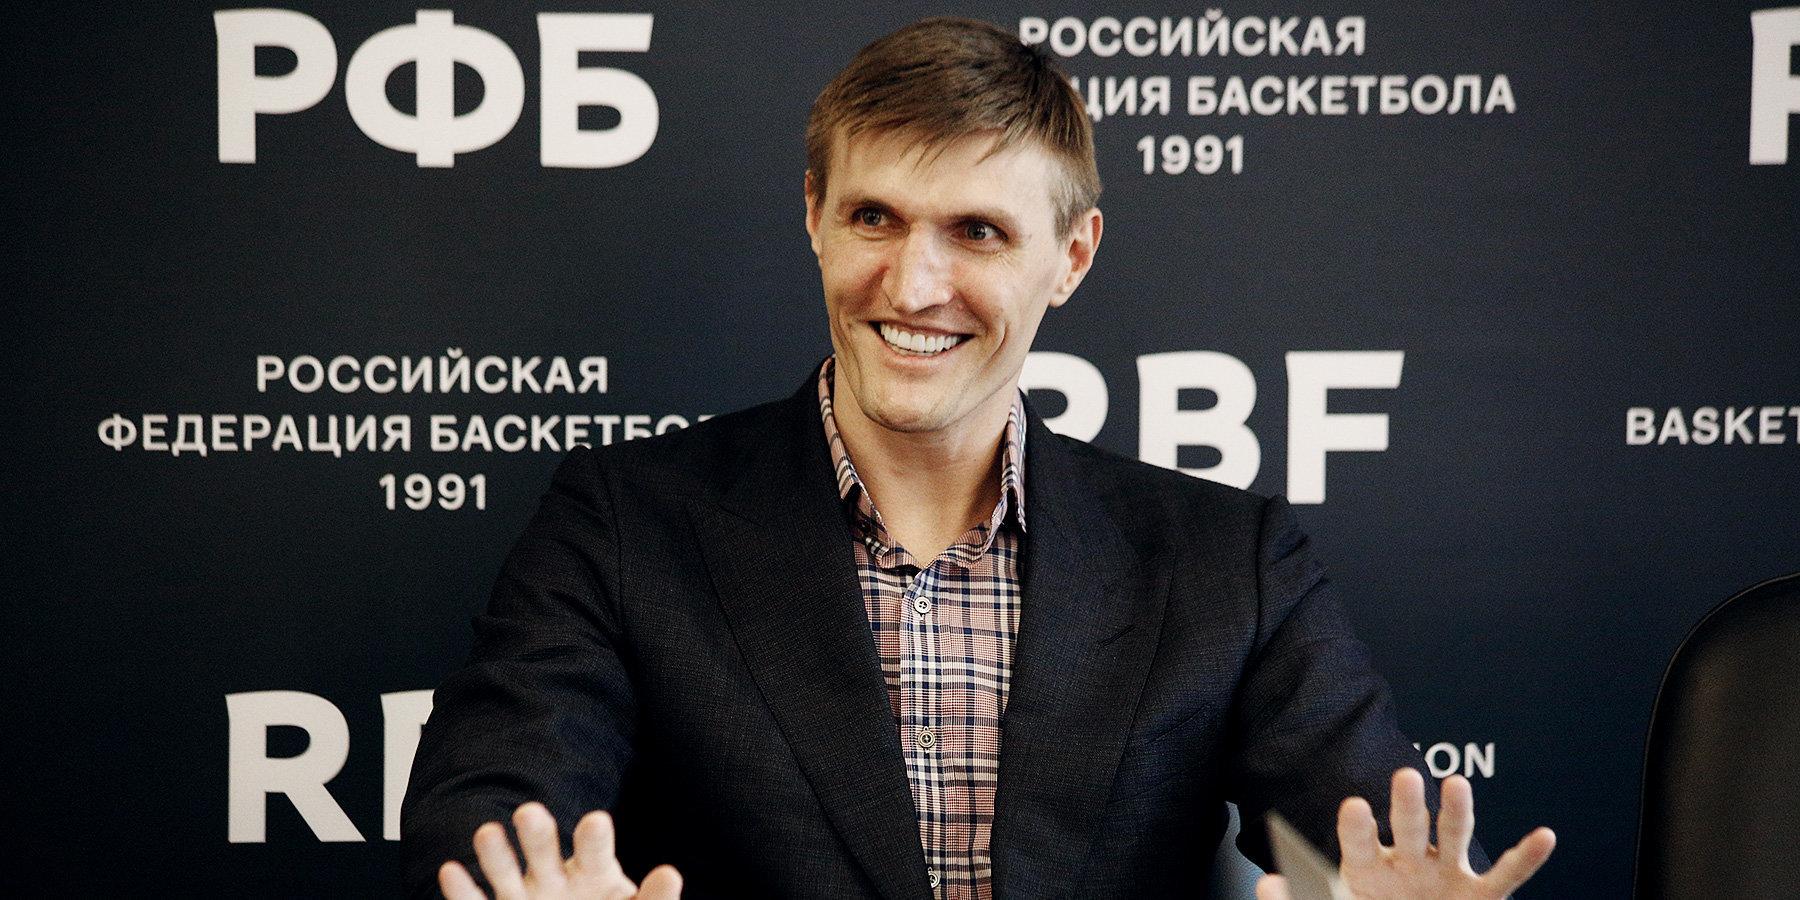 Кириленко верит в успешное выступление сборной России на ЧМ